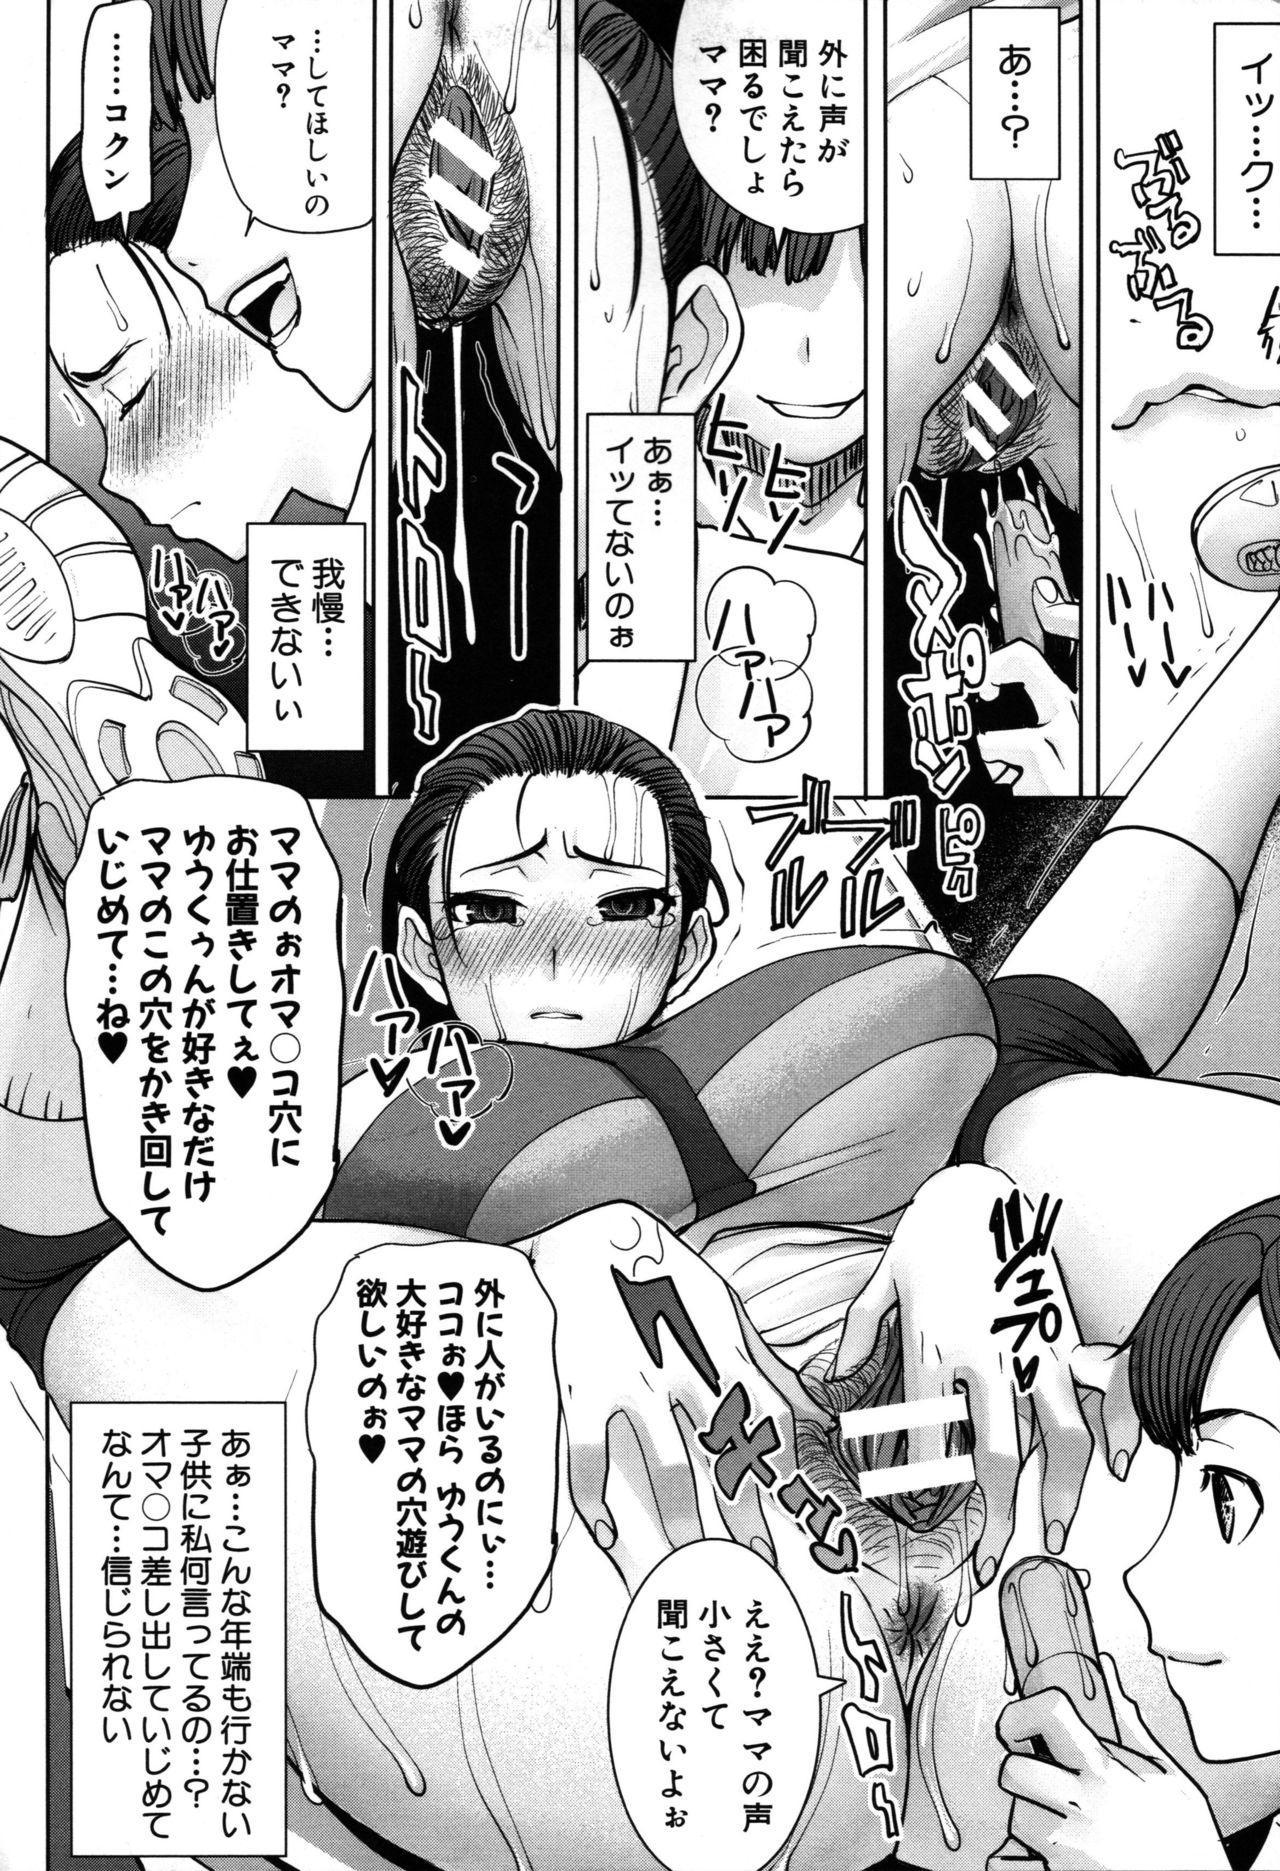 Unsweet - Asahina Ikka Netorareta Haha · Tomoko 57